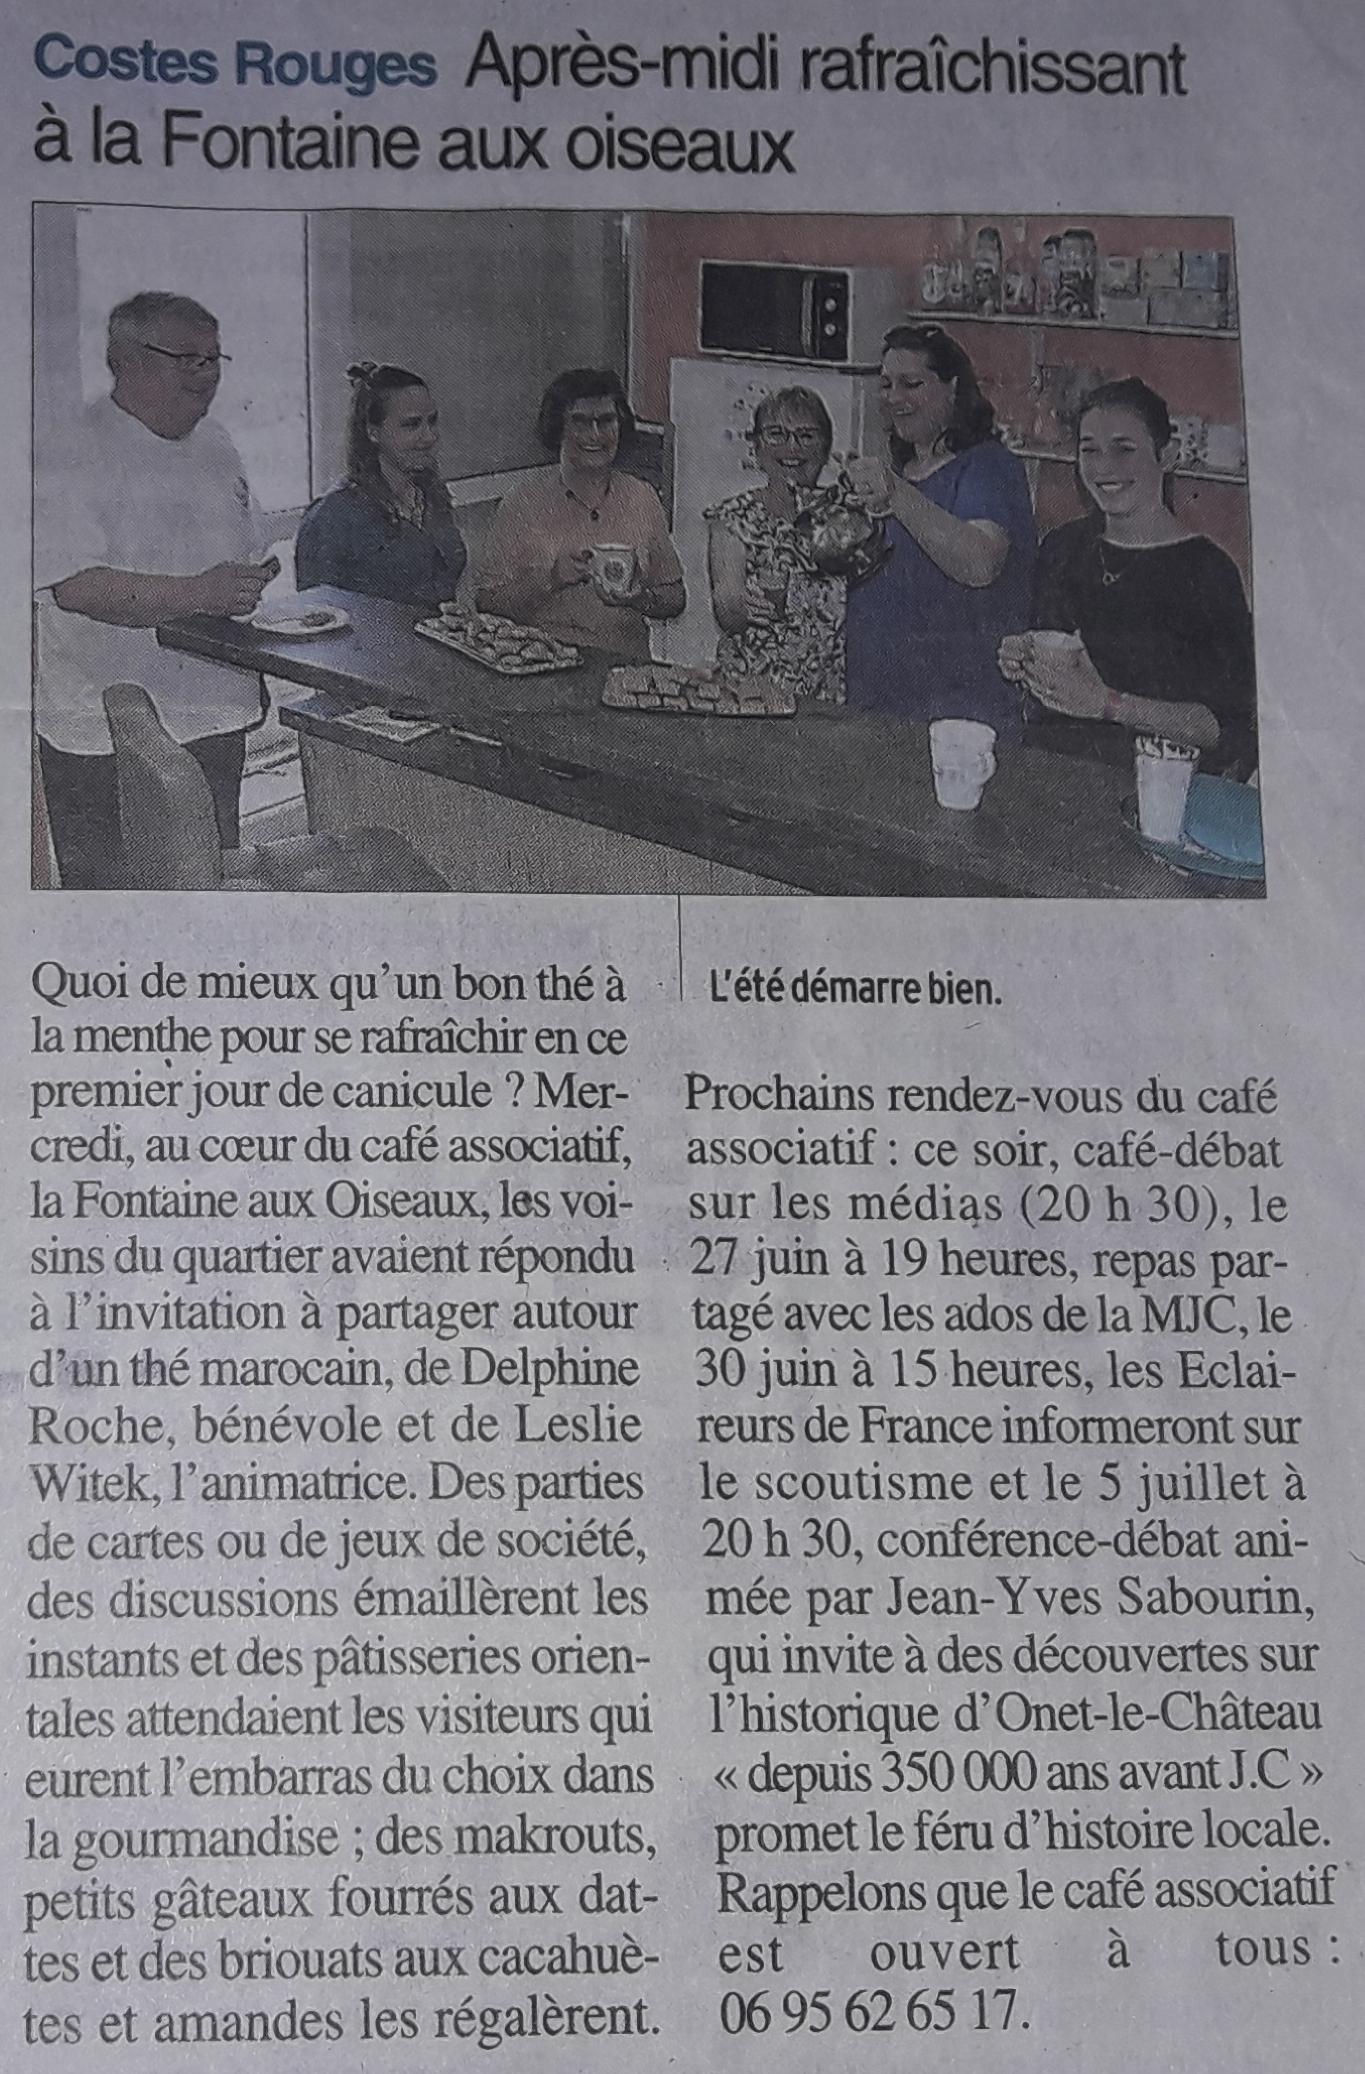 Salon de thé oriental - Centre-Presse Juin 2018